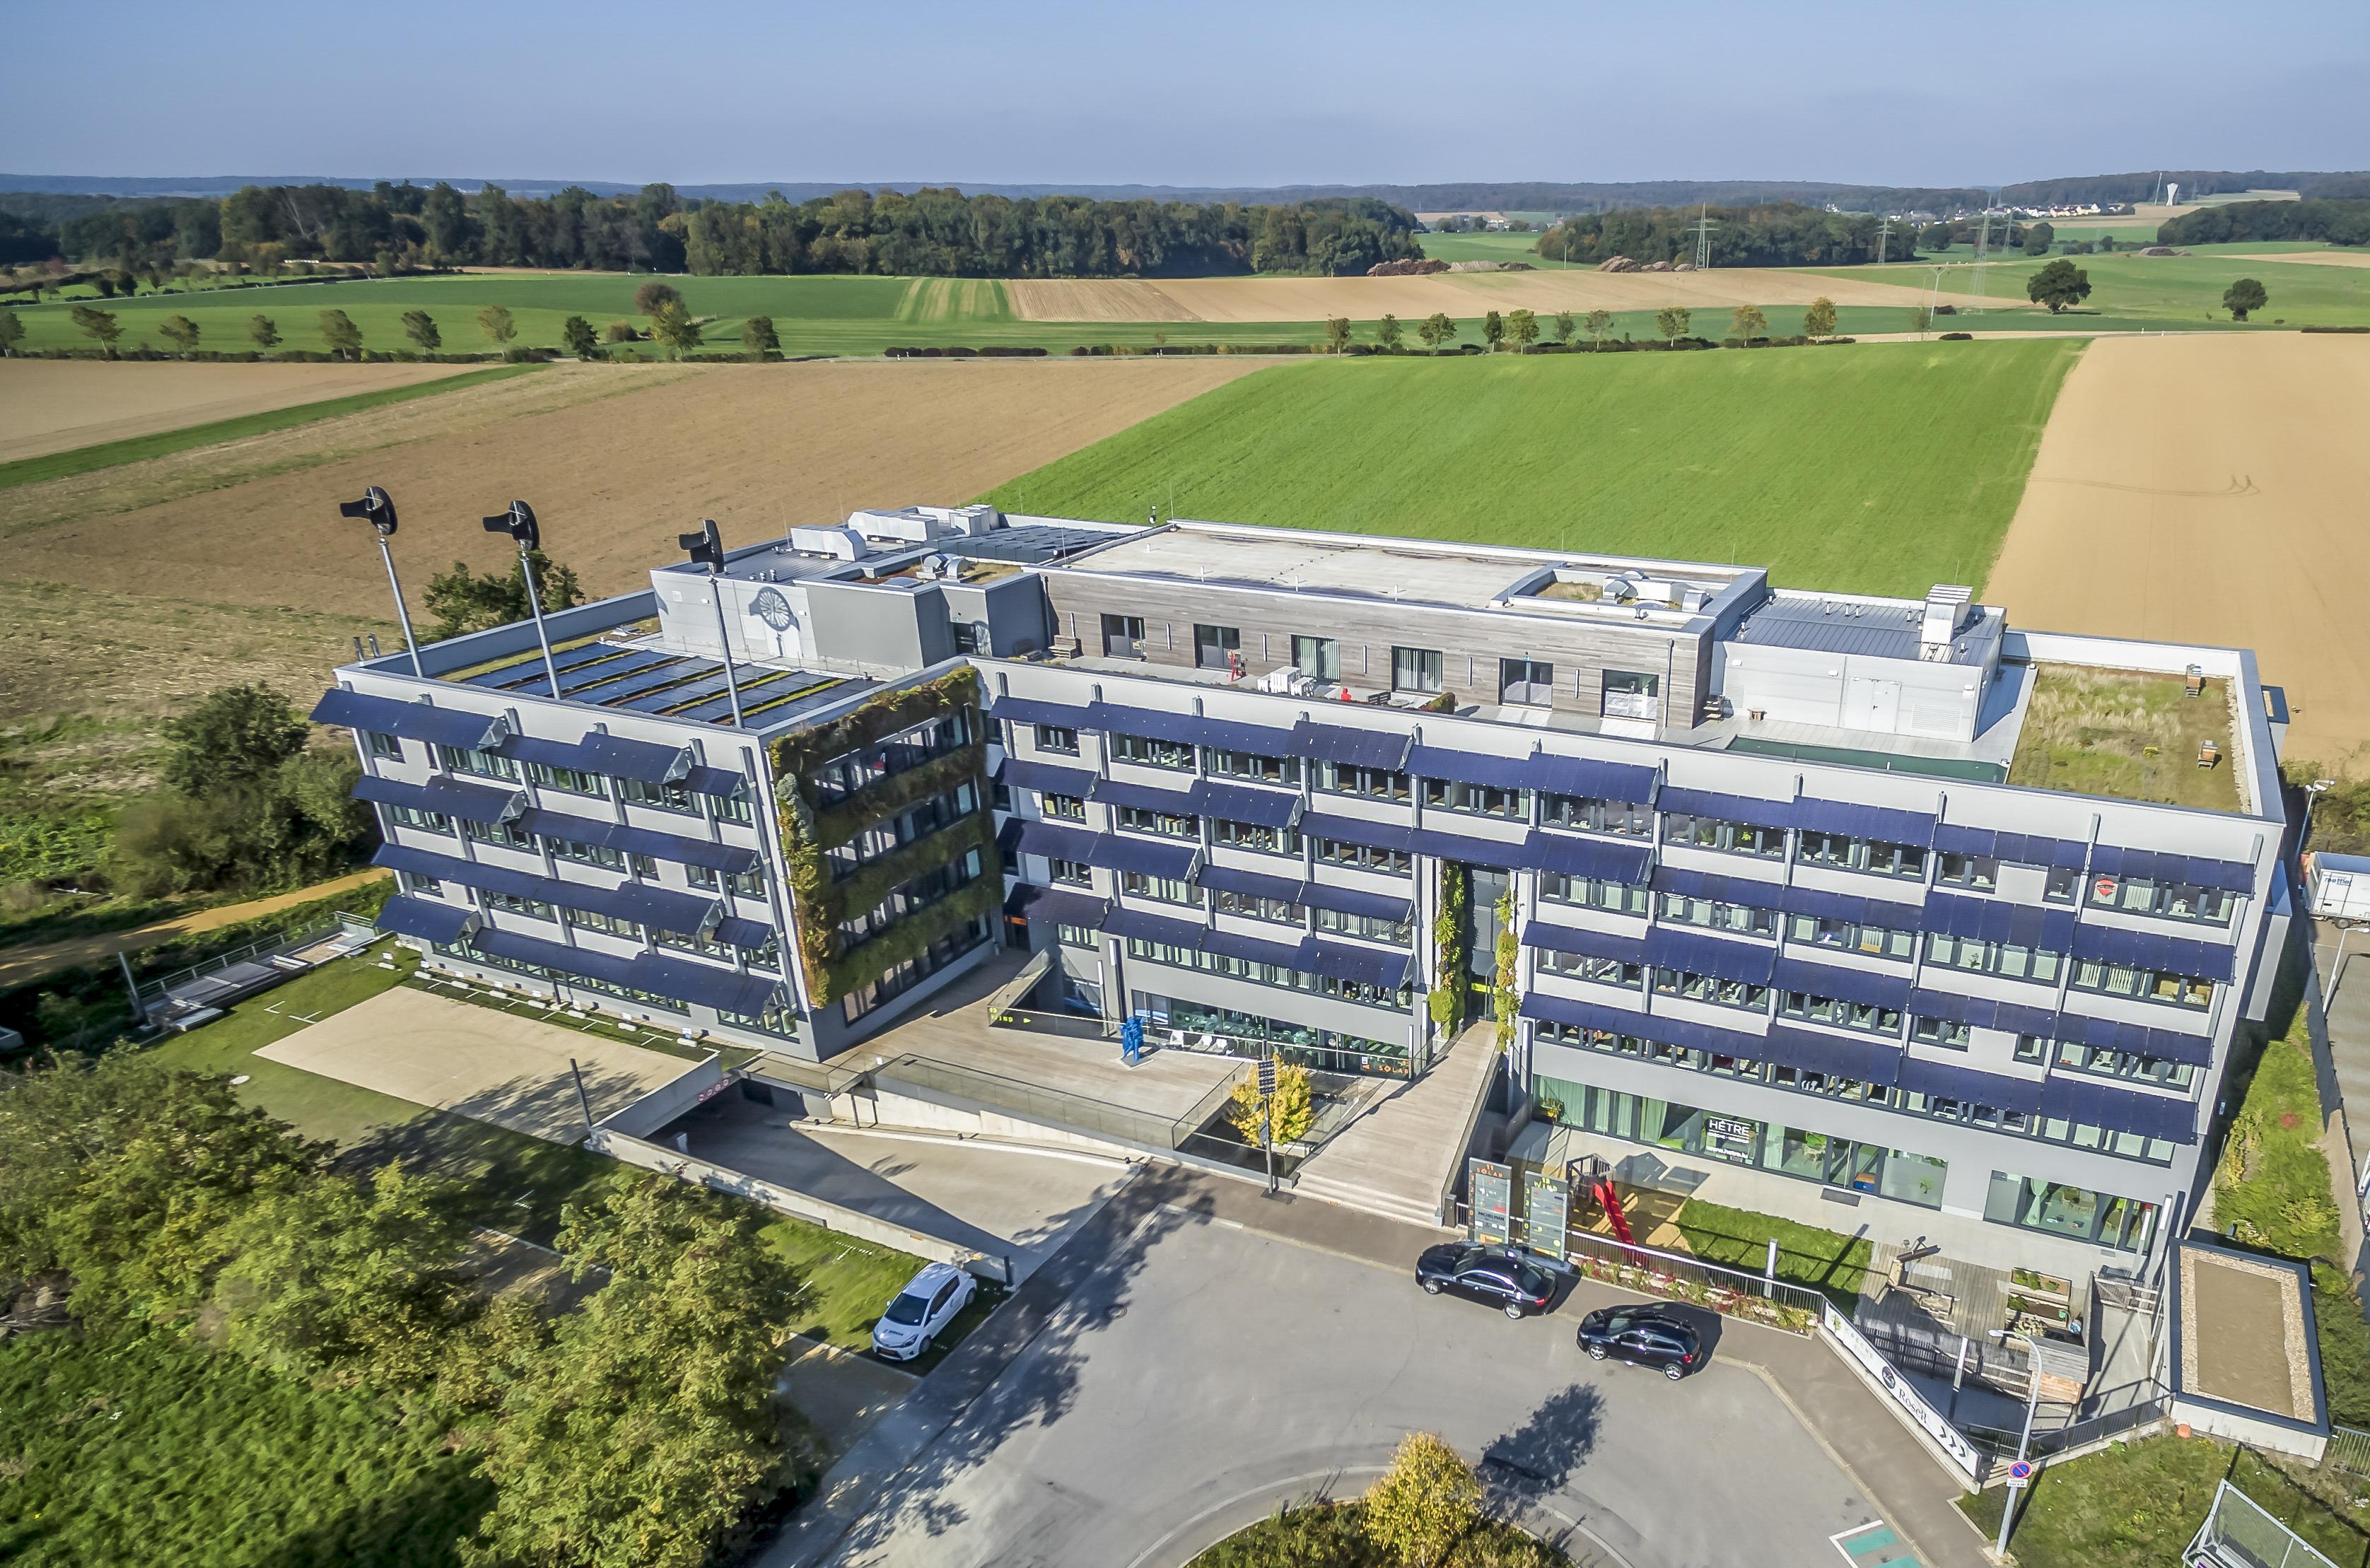 Le bâtiment du siège social, nommé Solarwind Windhof, de 10.000 mètres carrés construit en 2009 selon les normes environnementales rendues obligatoires presque 10 ans plus tard.